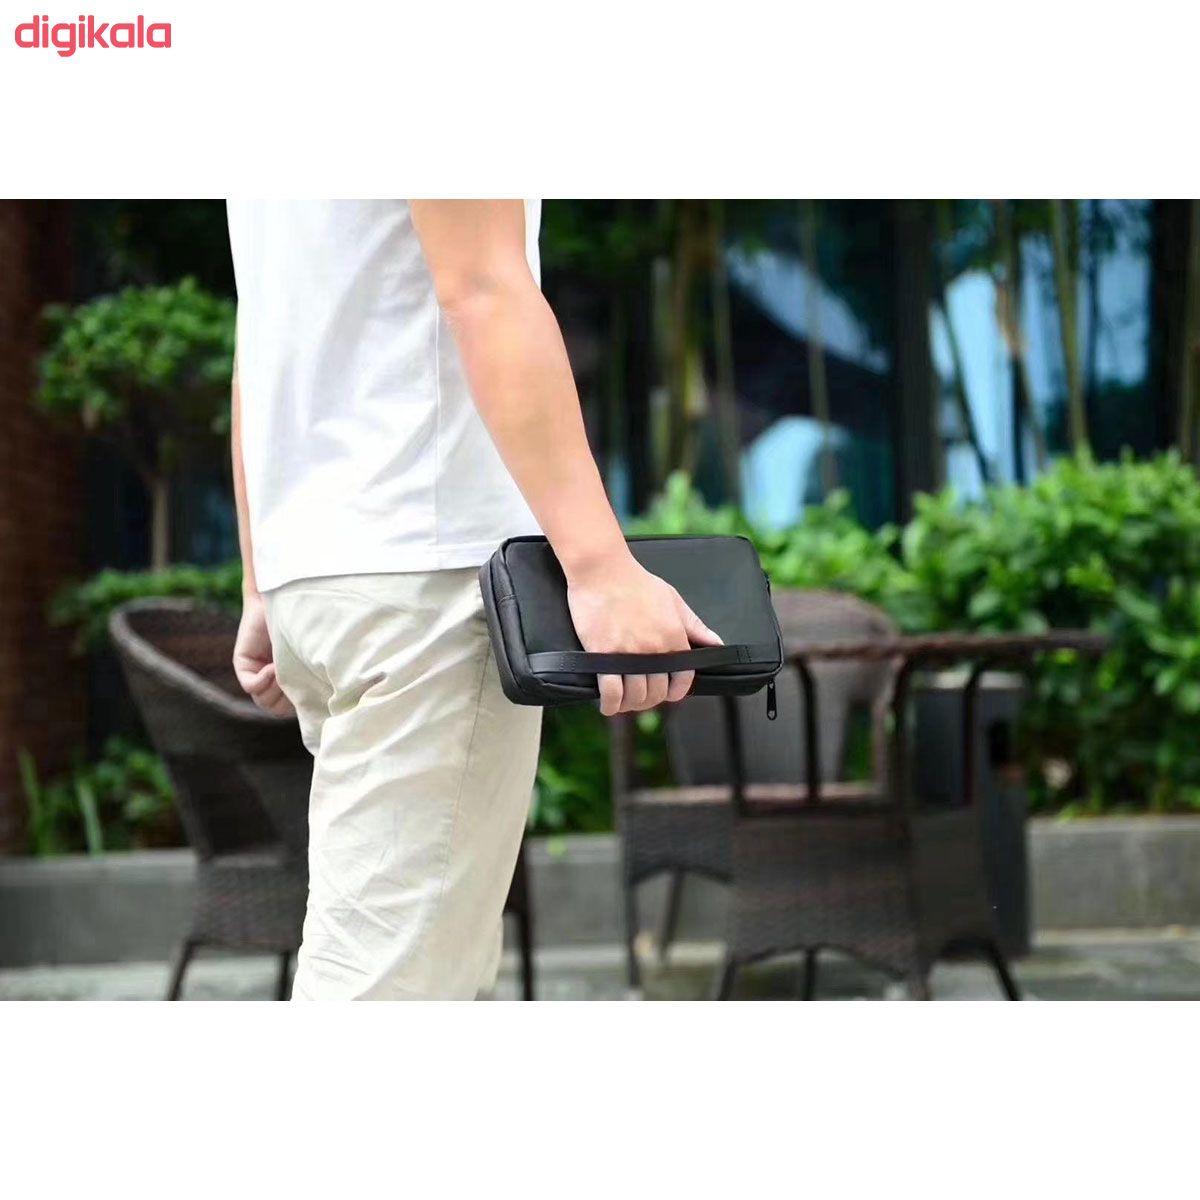 کیف دستی مردانه ویوو مدل MkB main 1 5